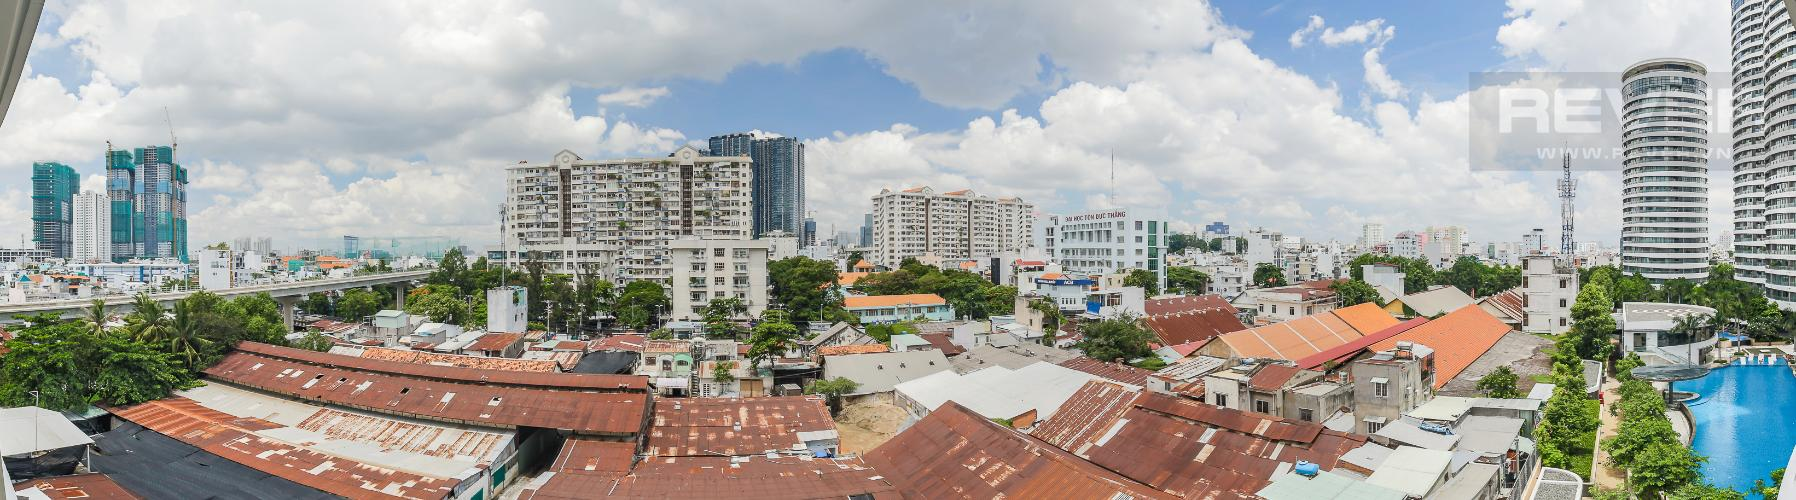 View Bán hoặc cho thuê căn hộ City Garden 1PN, tầng thấp, diện tích 65m2, đầy đủ nội thất